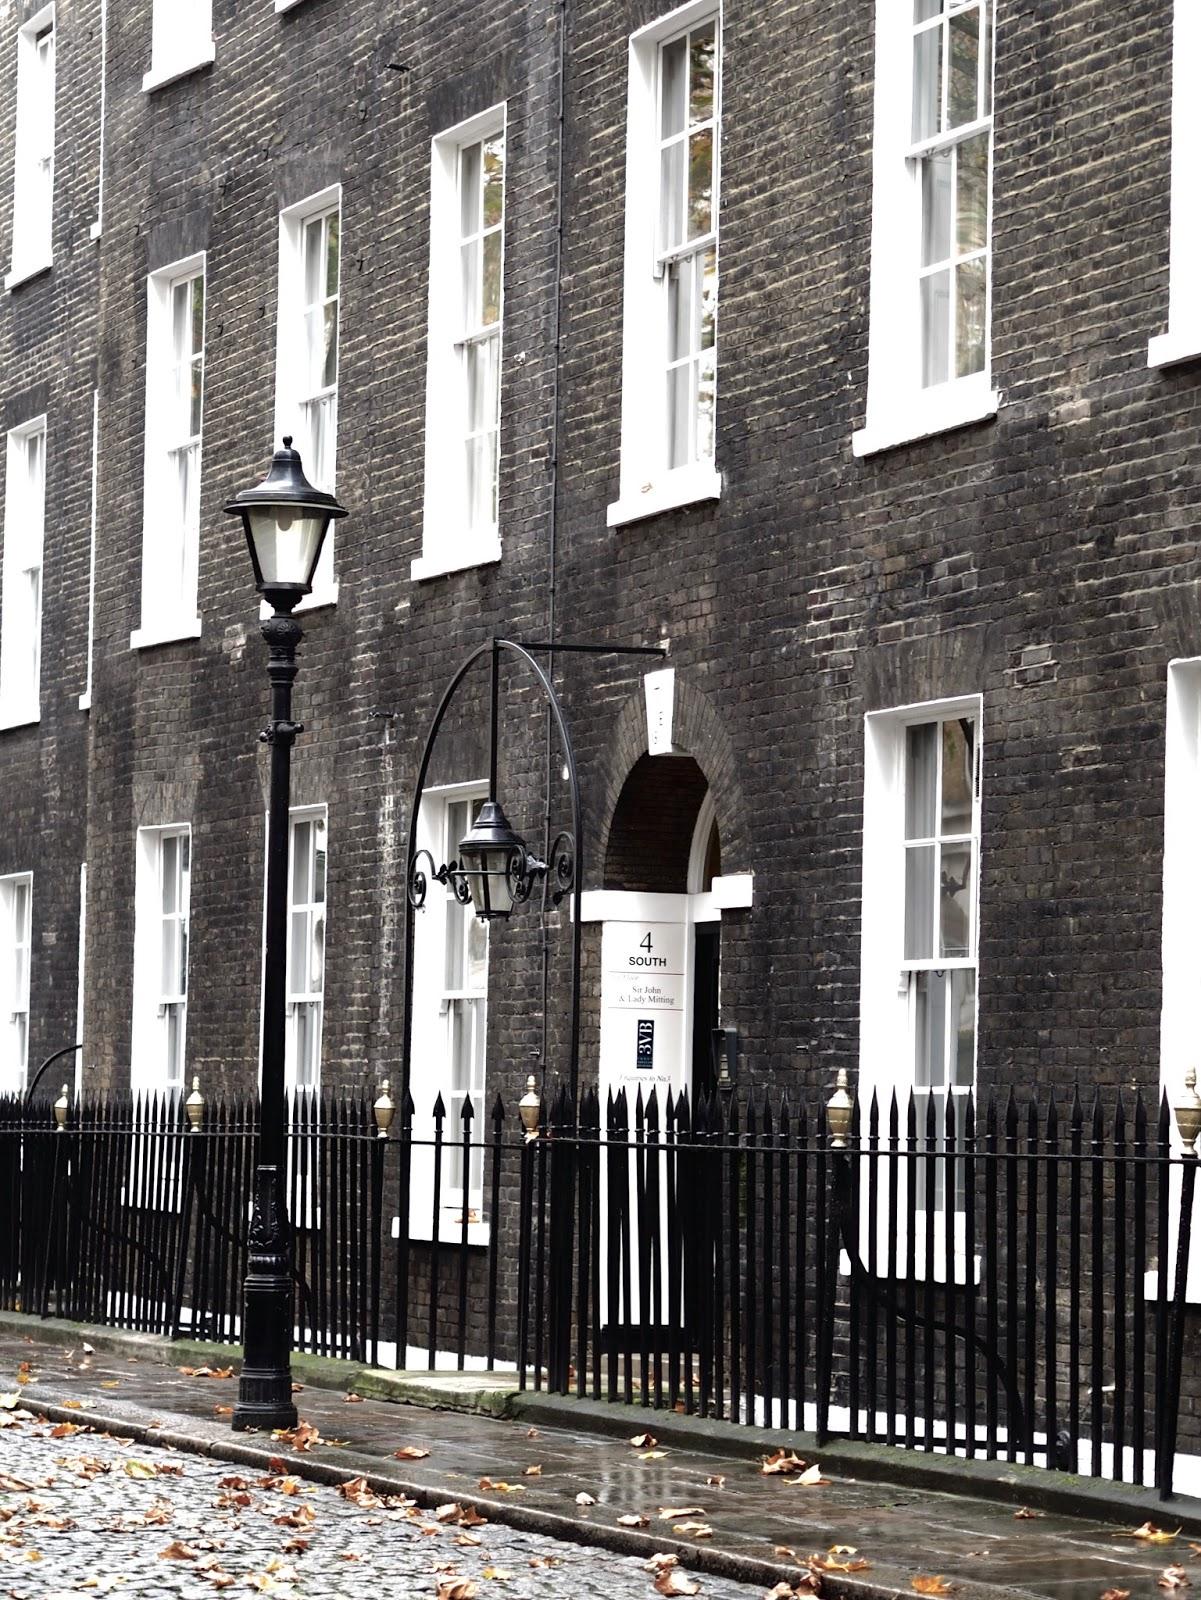 LONDON DIARY I. 11